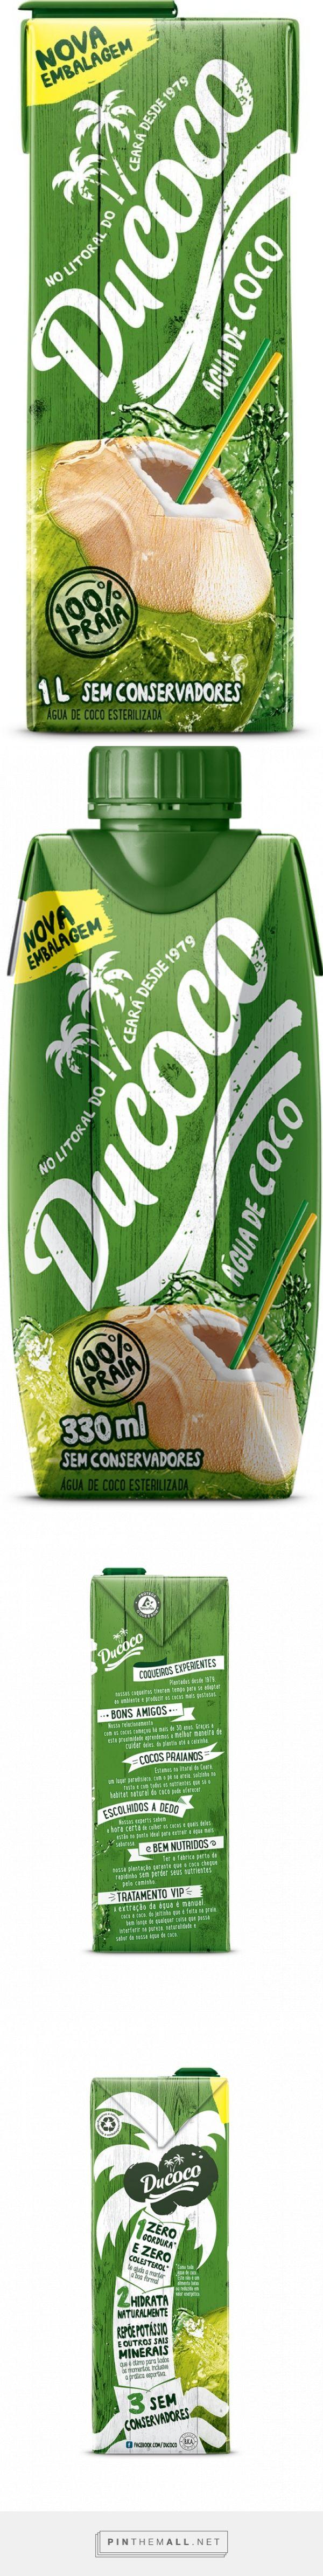 Ducoco | água de coco | #packaging #design